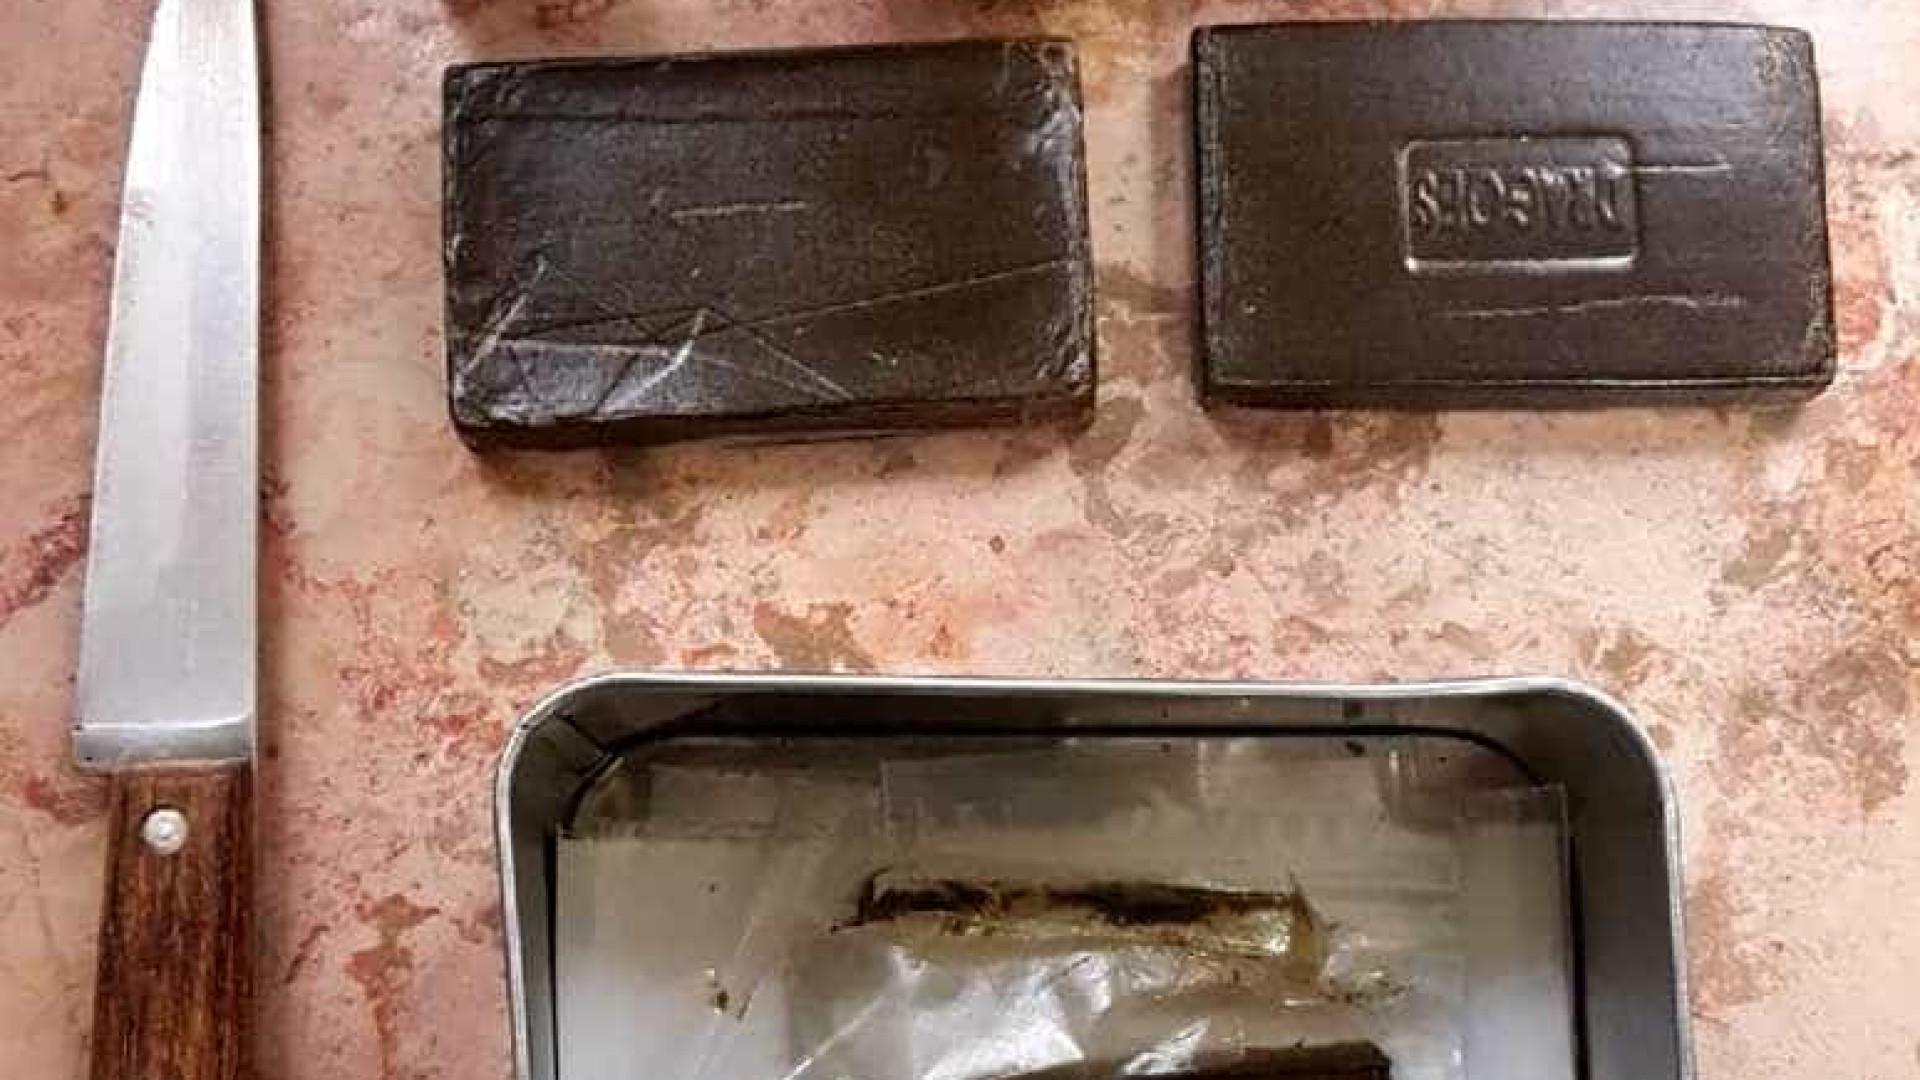 PSP detém 17 pessoas durante operações de combate à criminalidade